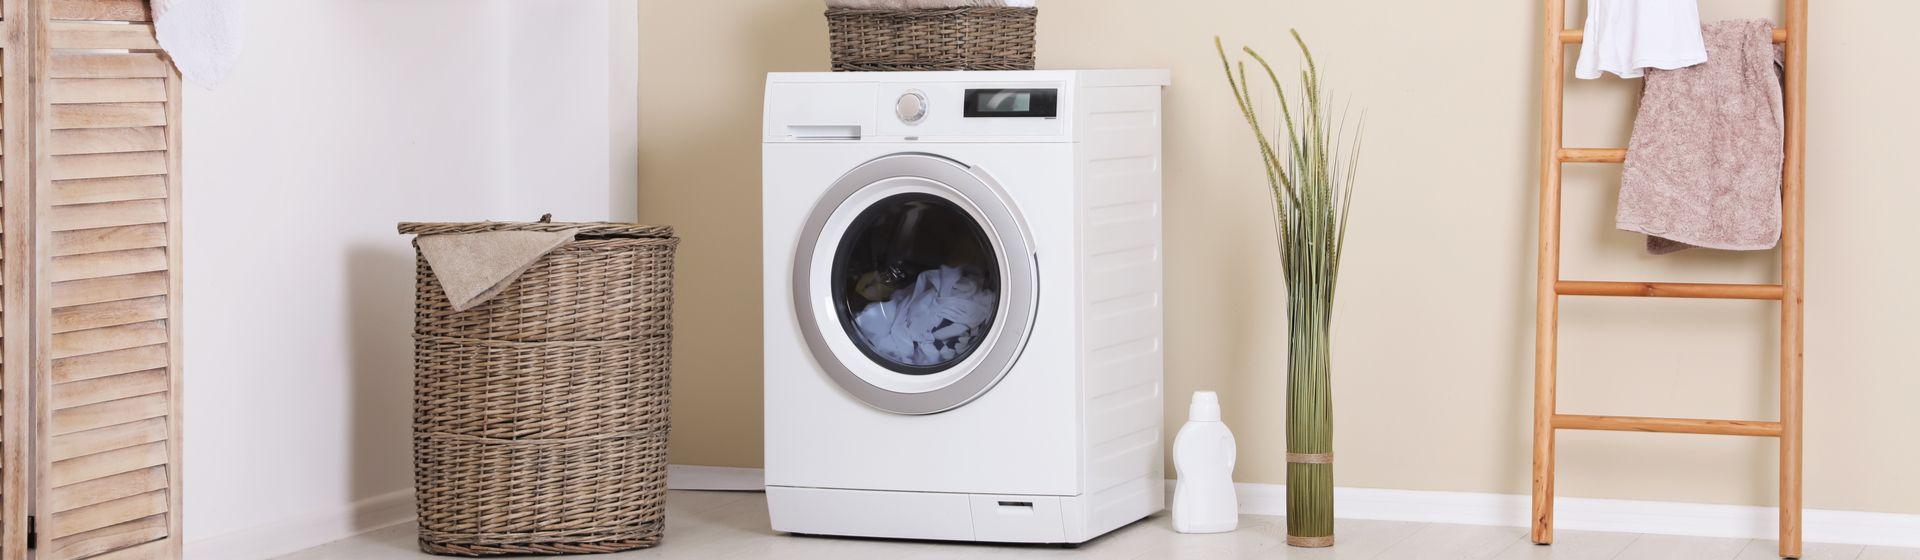 Máquina de lavar com água quente vale a pena?